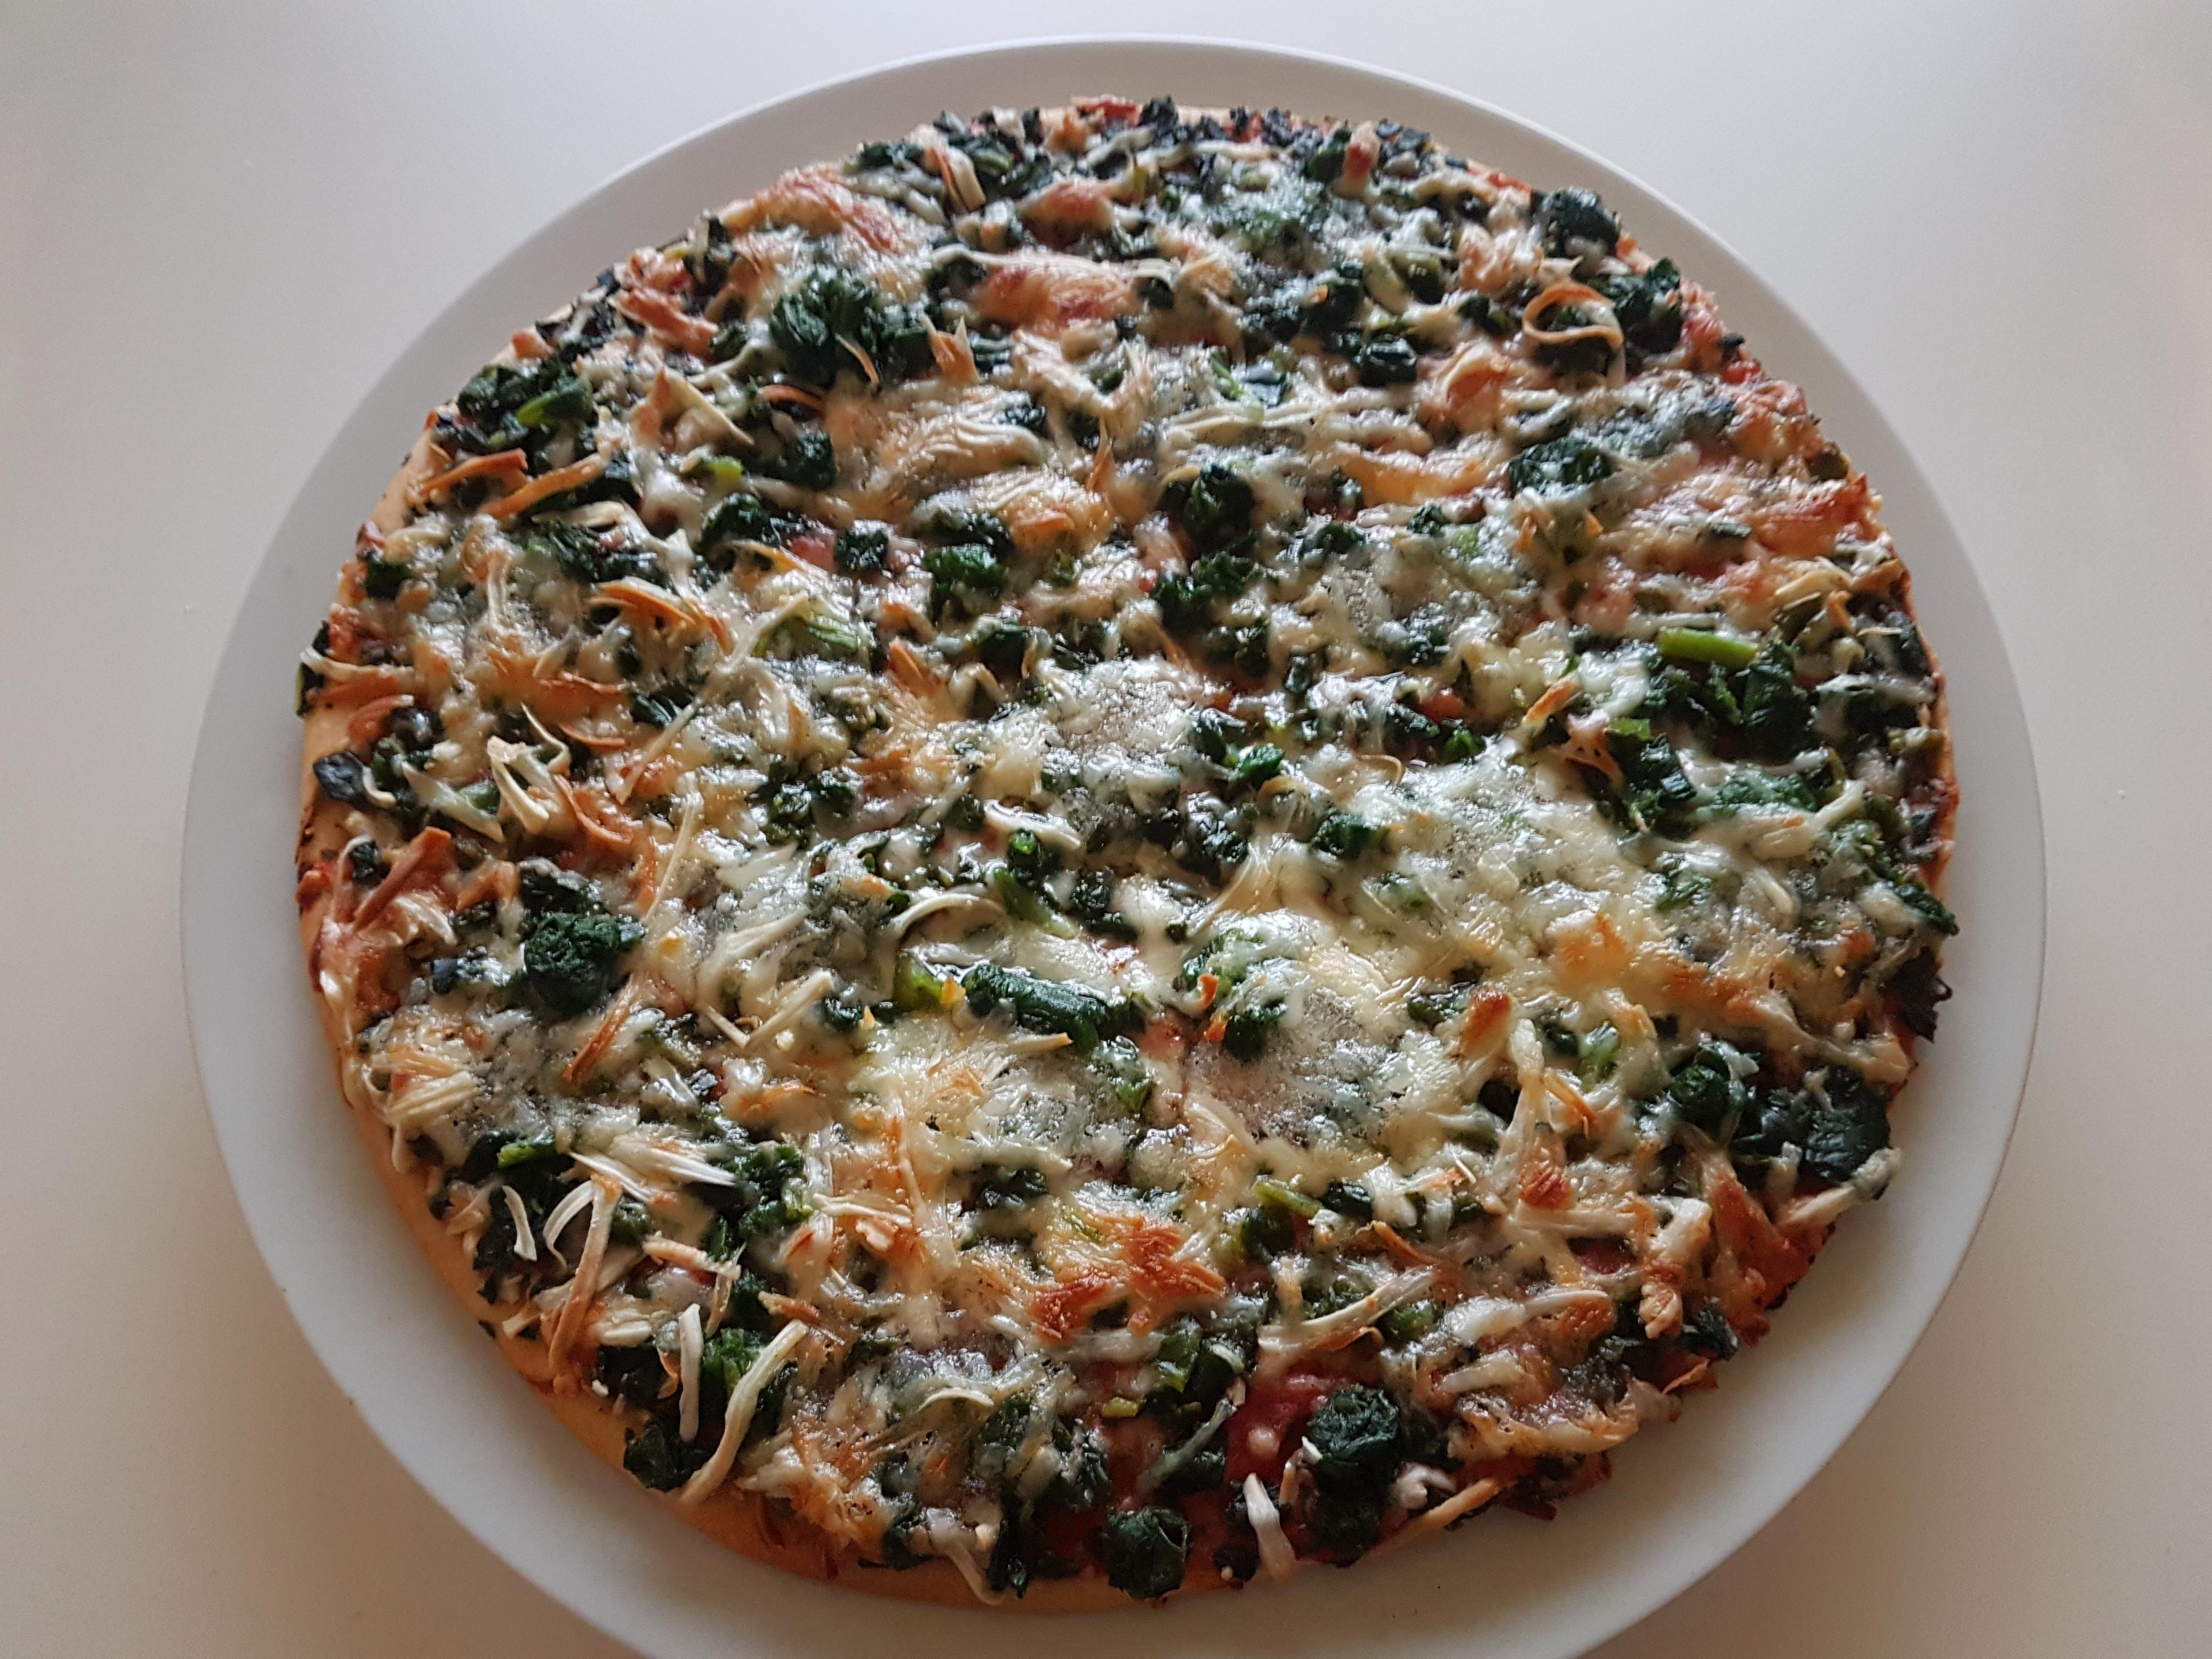 https://foodloader.net/Holz_2019-11-25_Pizza.jpg